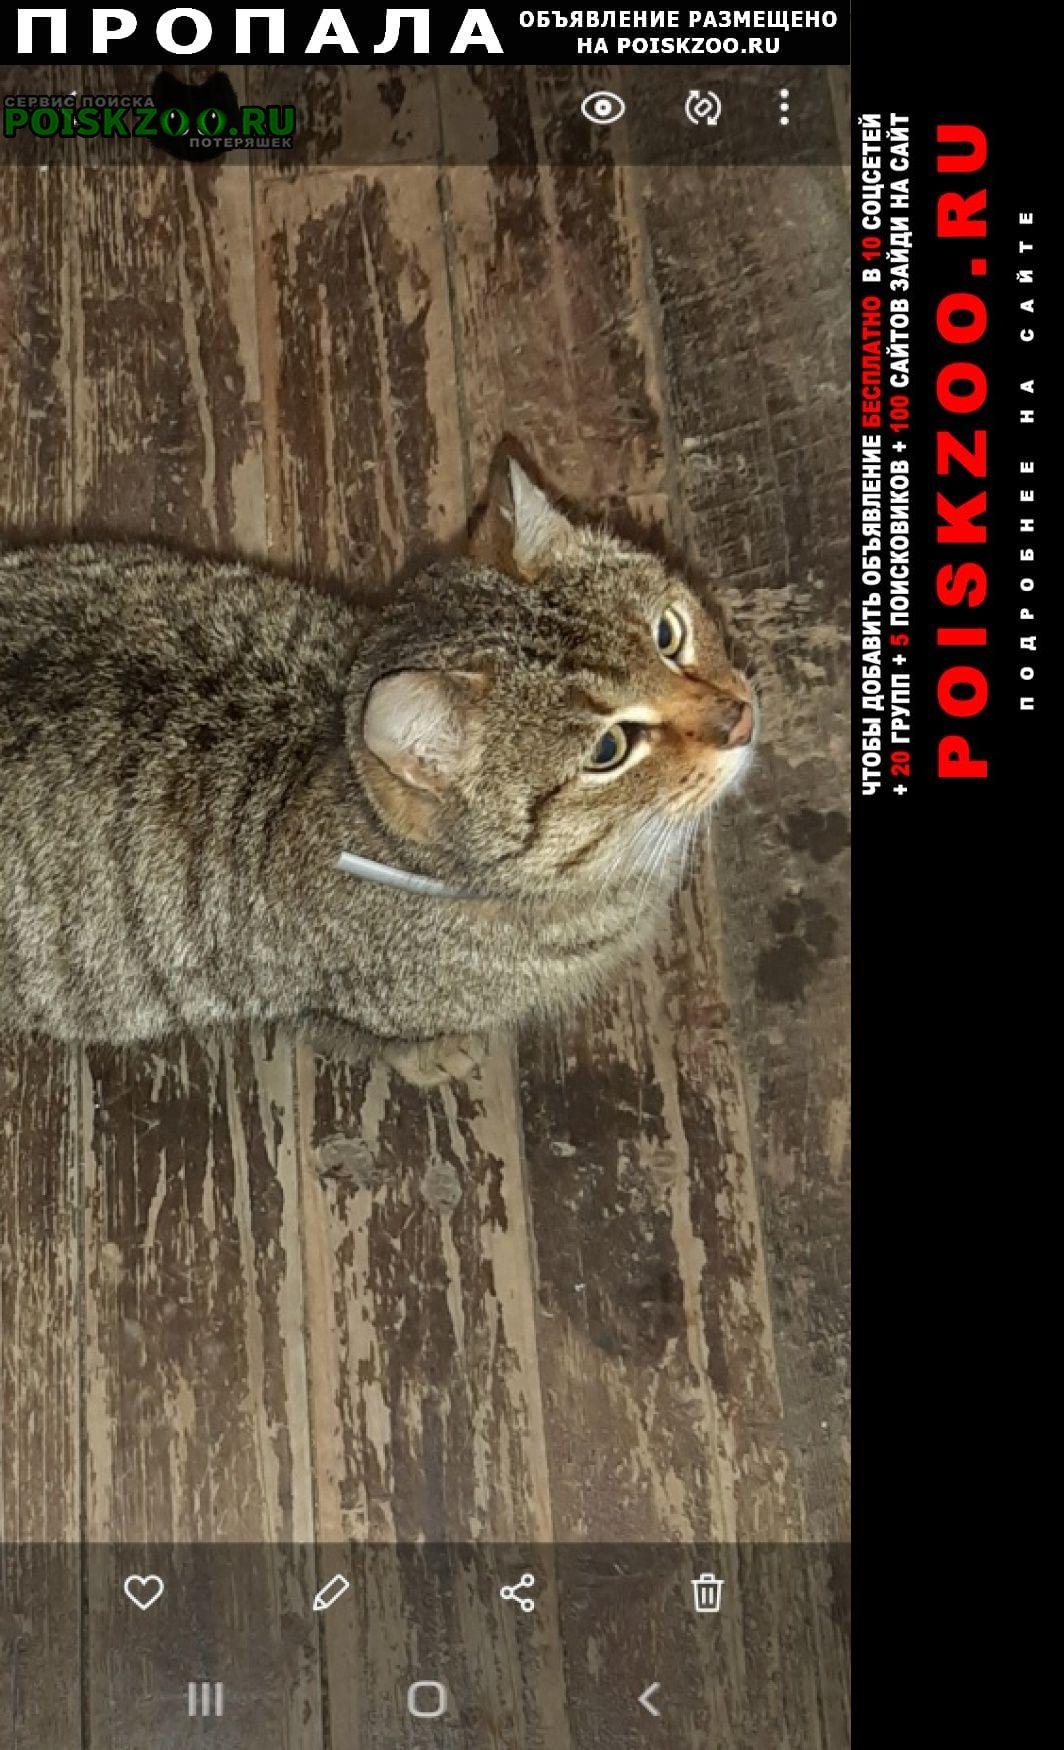 Пропала кошка русиново Боровск